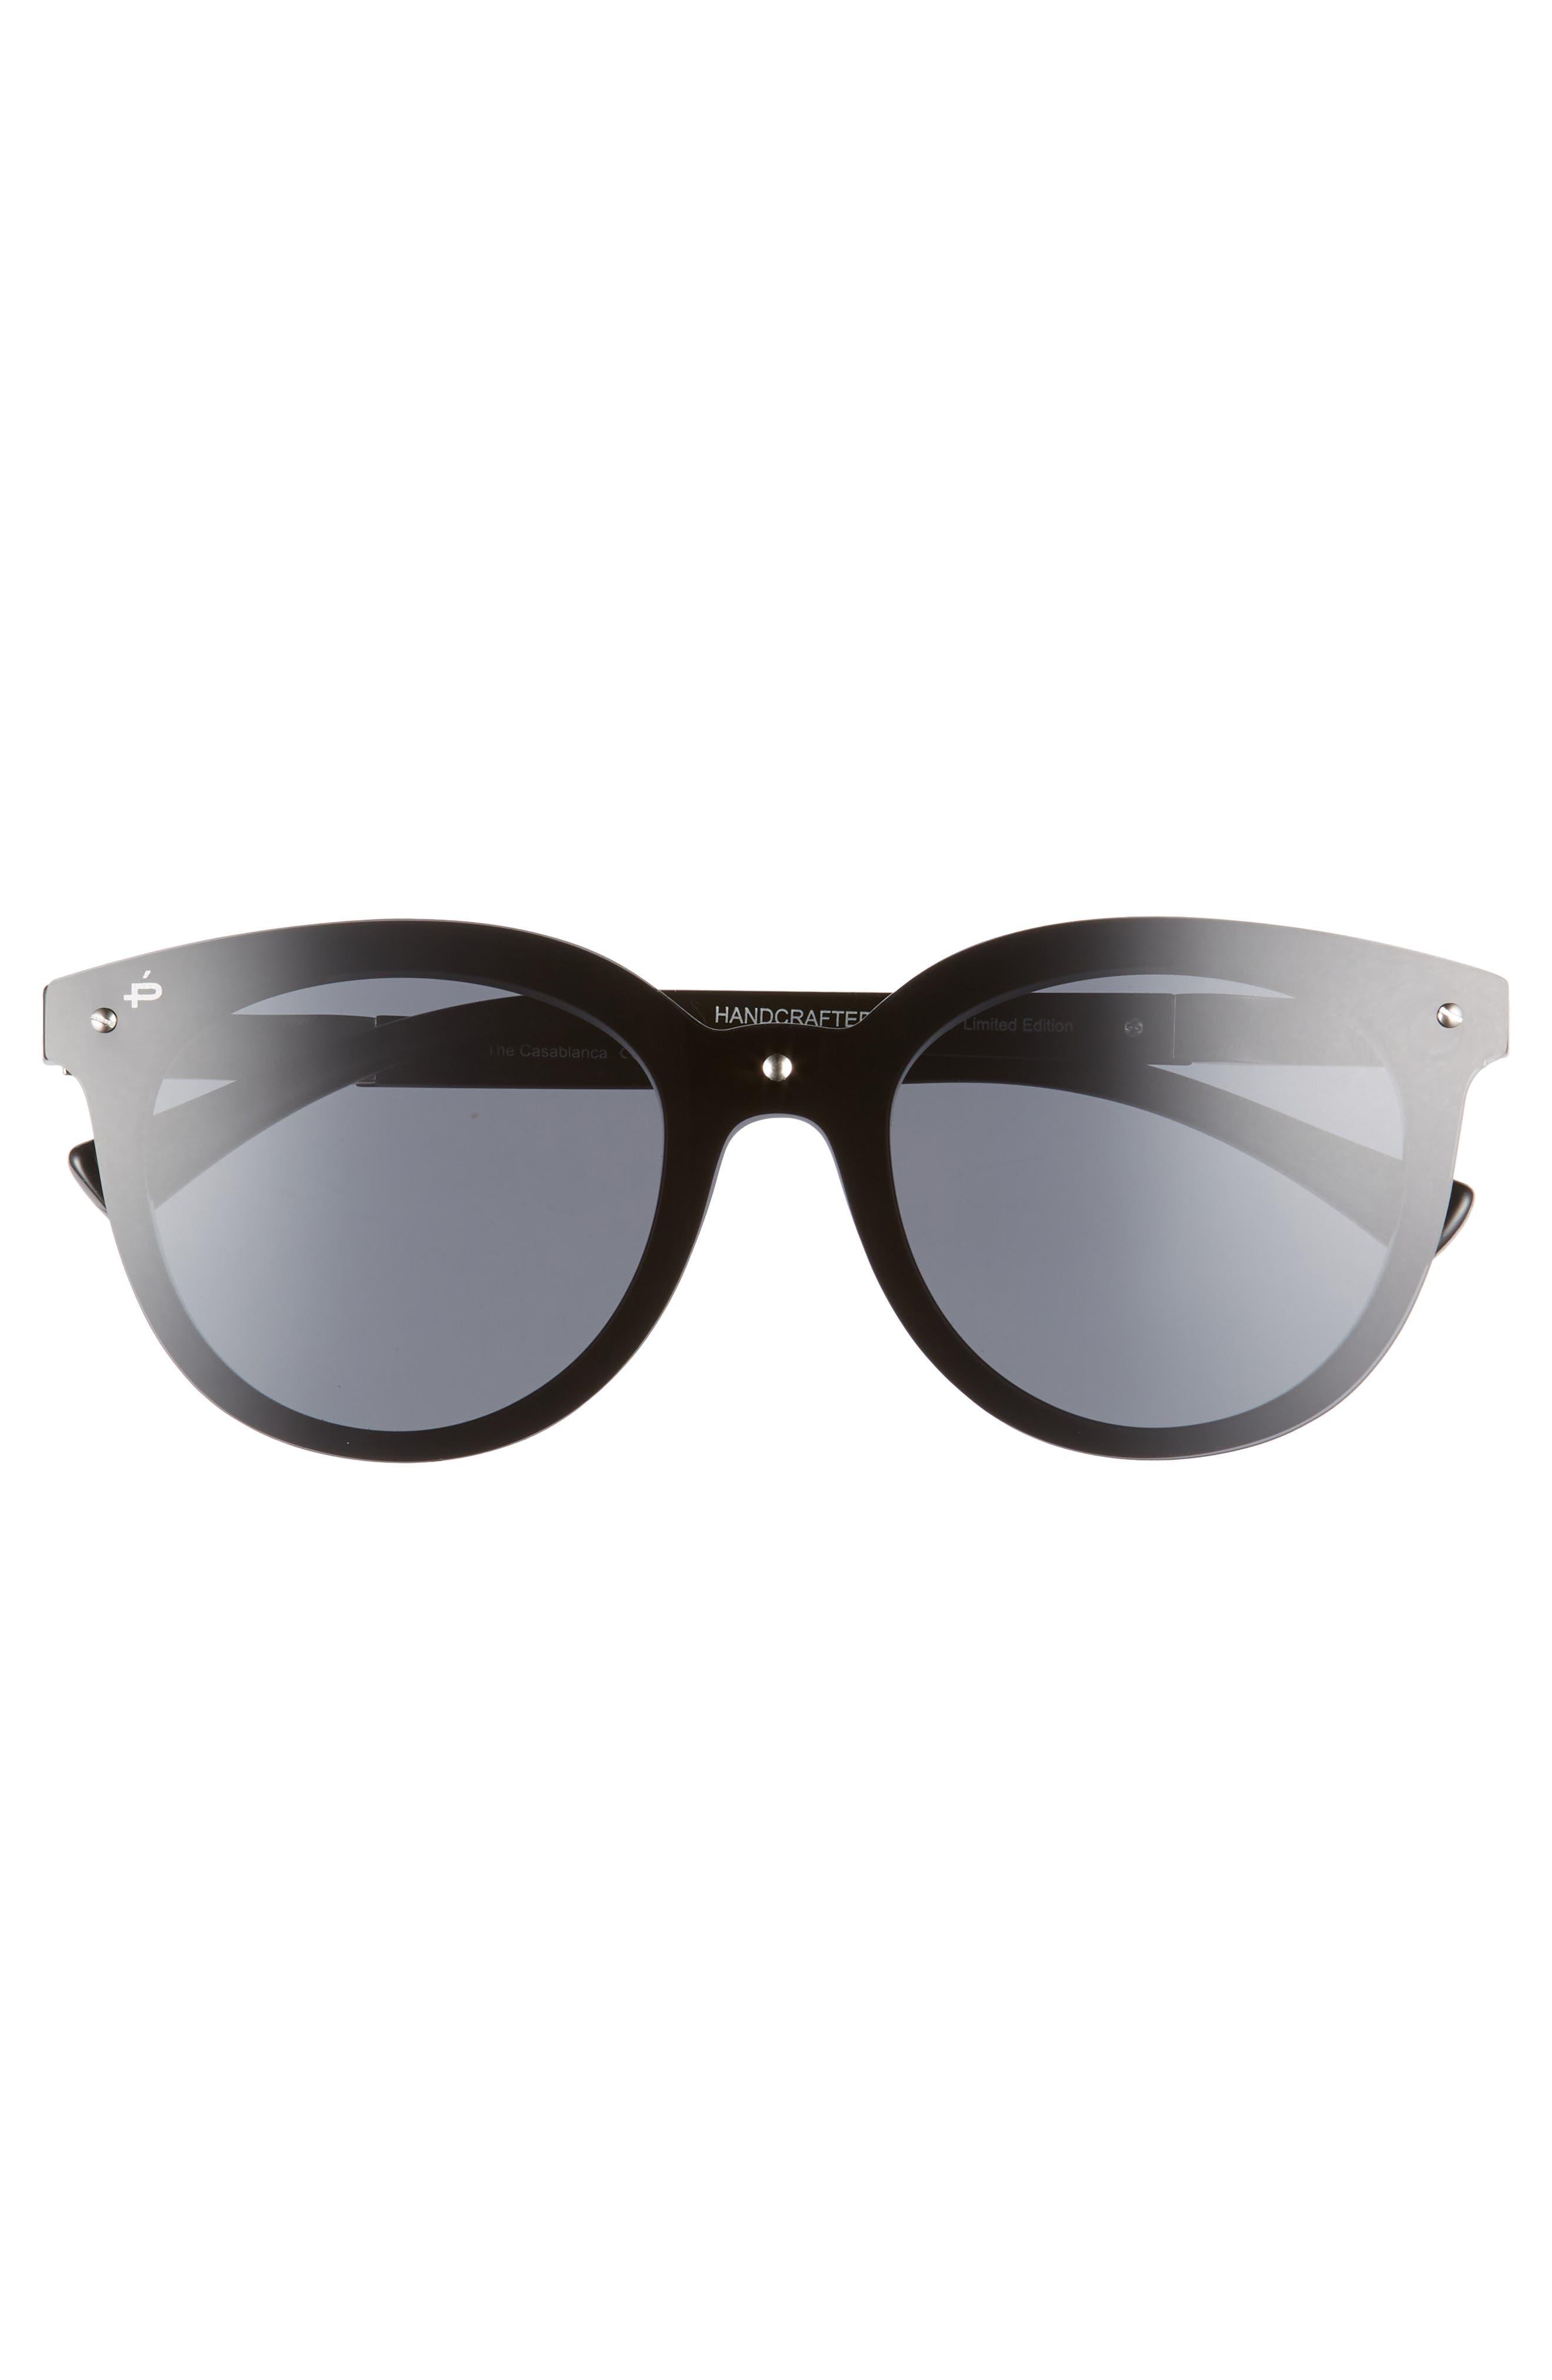 Privé Revaux The Casablanca 52mm Sunglasses,                             Alternate thumbnail 3, color,                             001